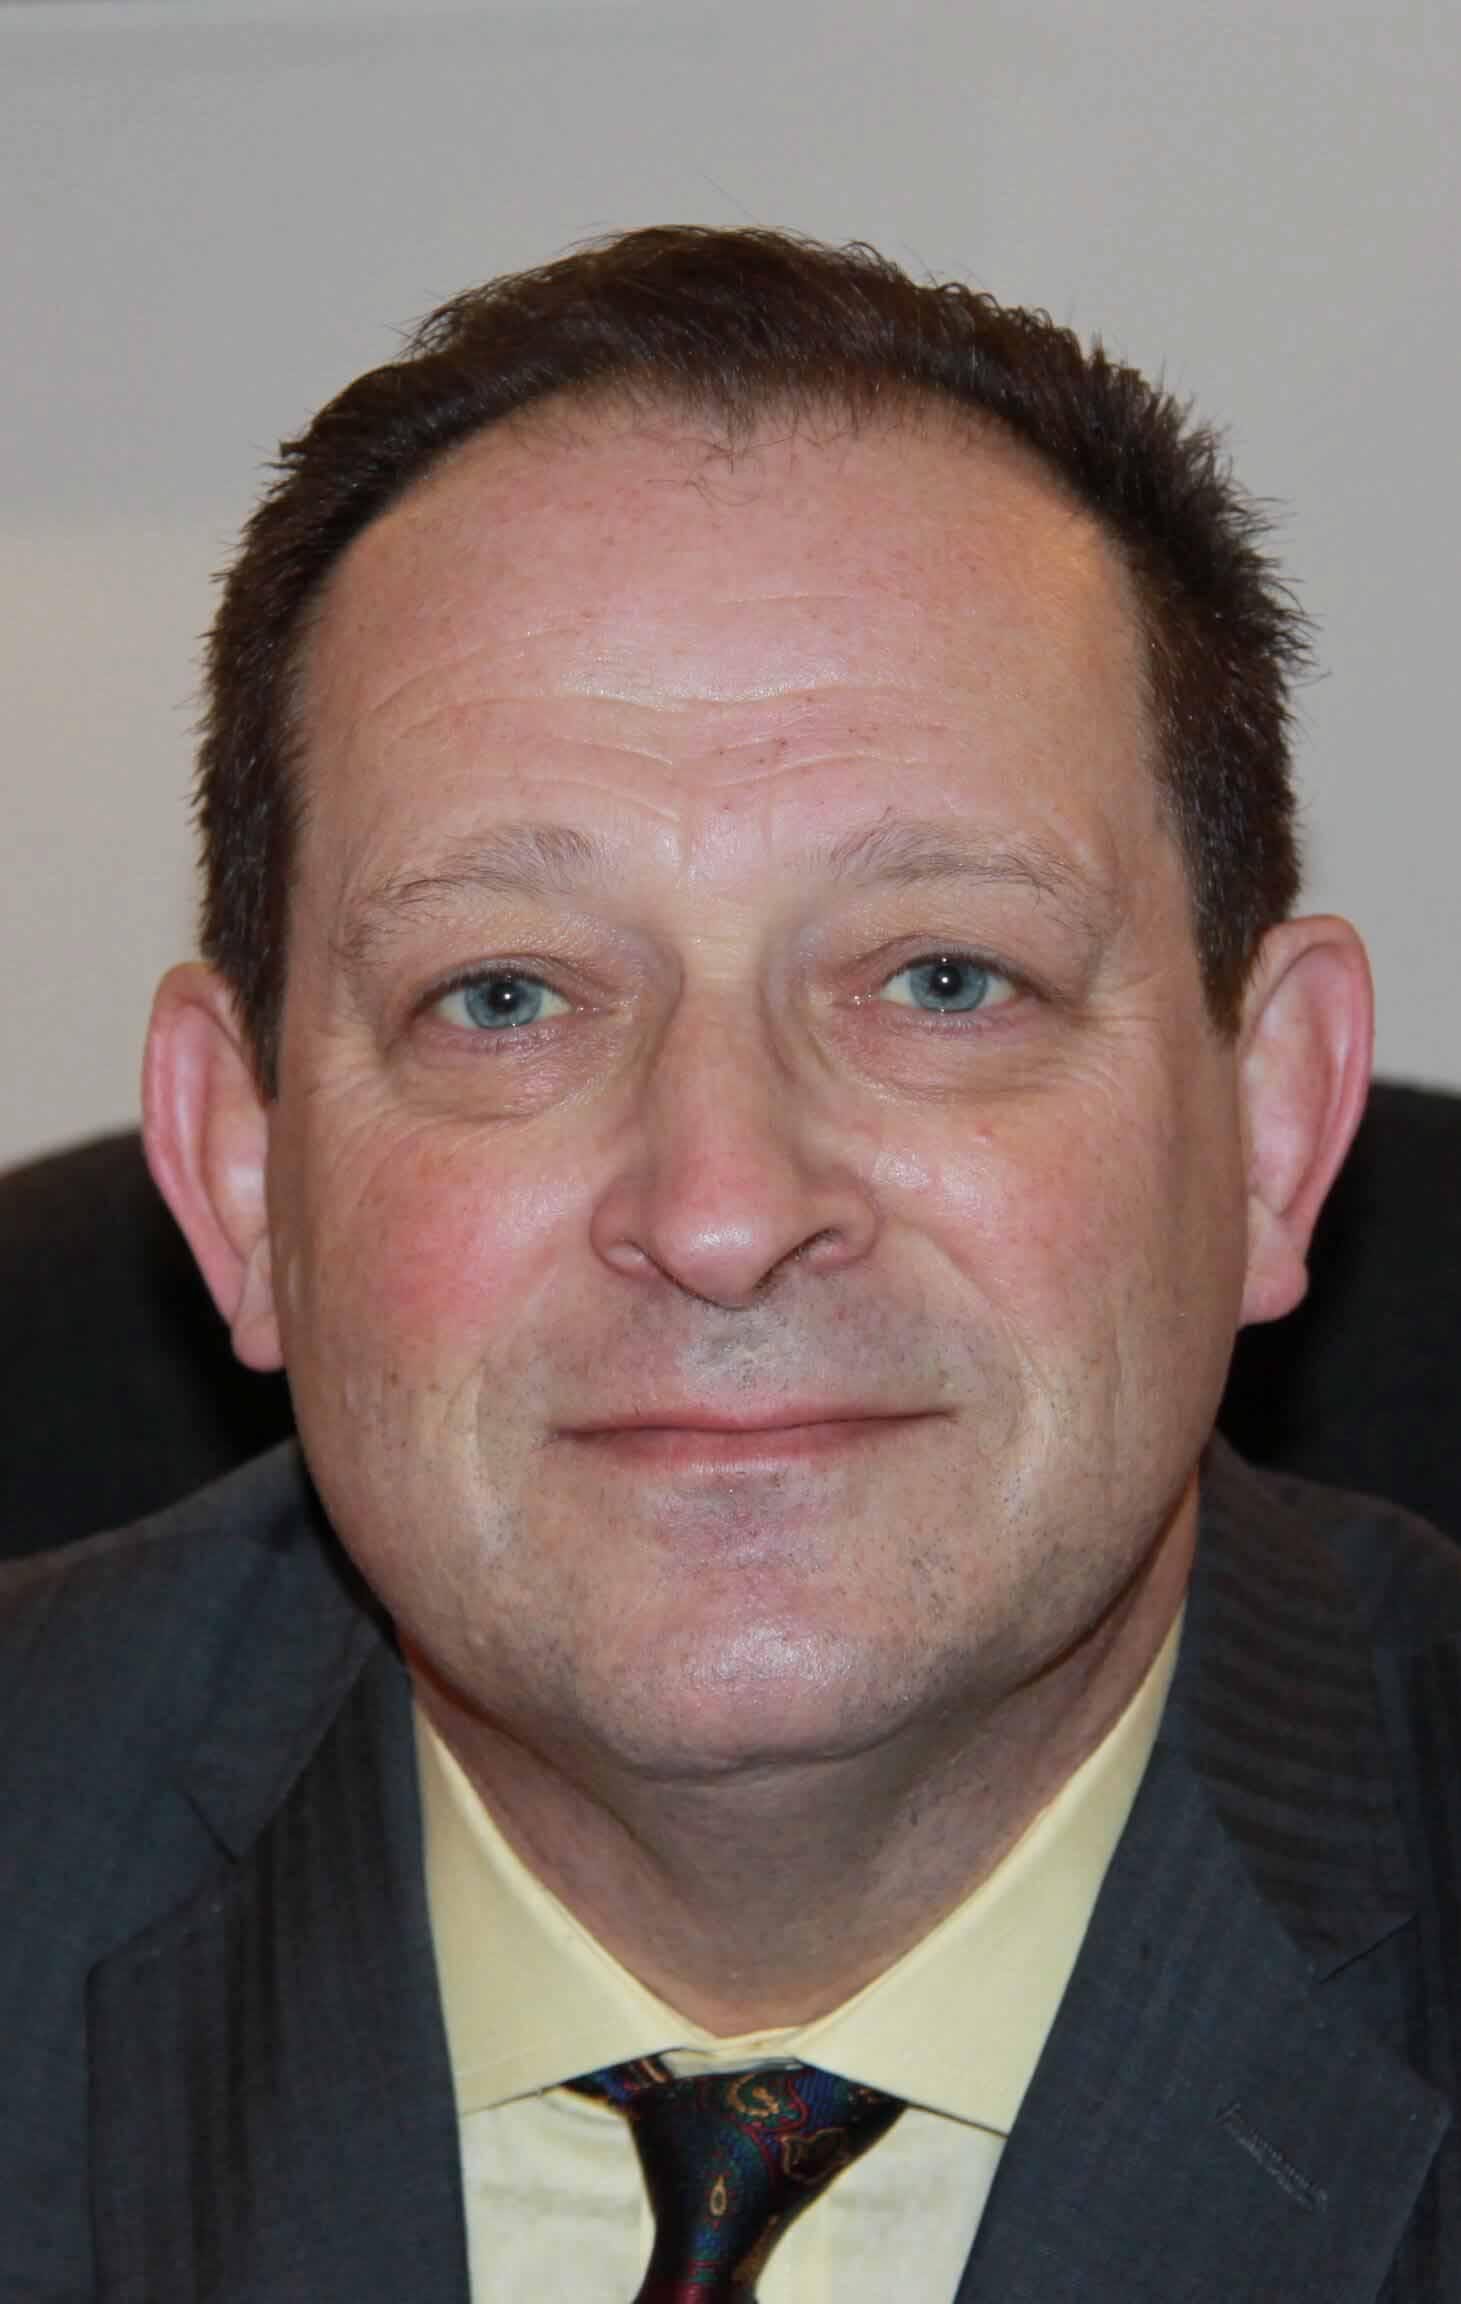 Robert Neufeld